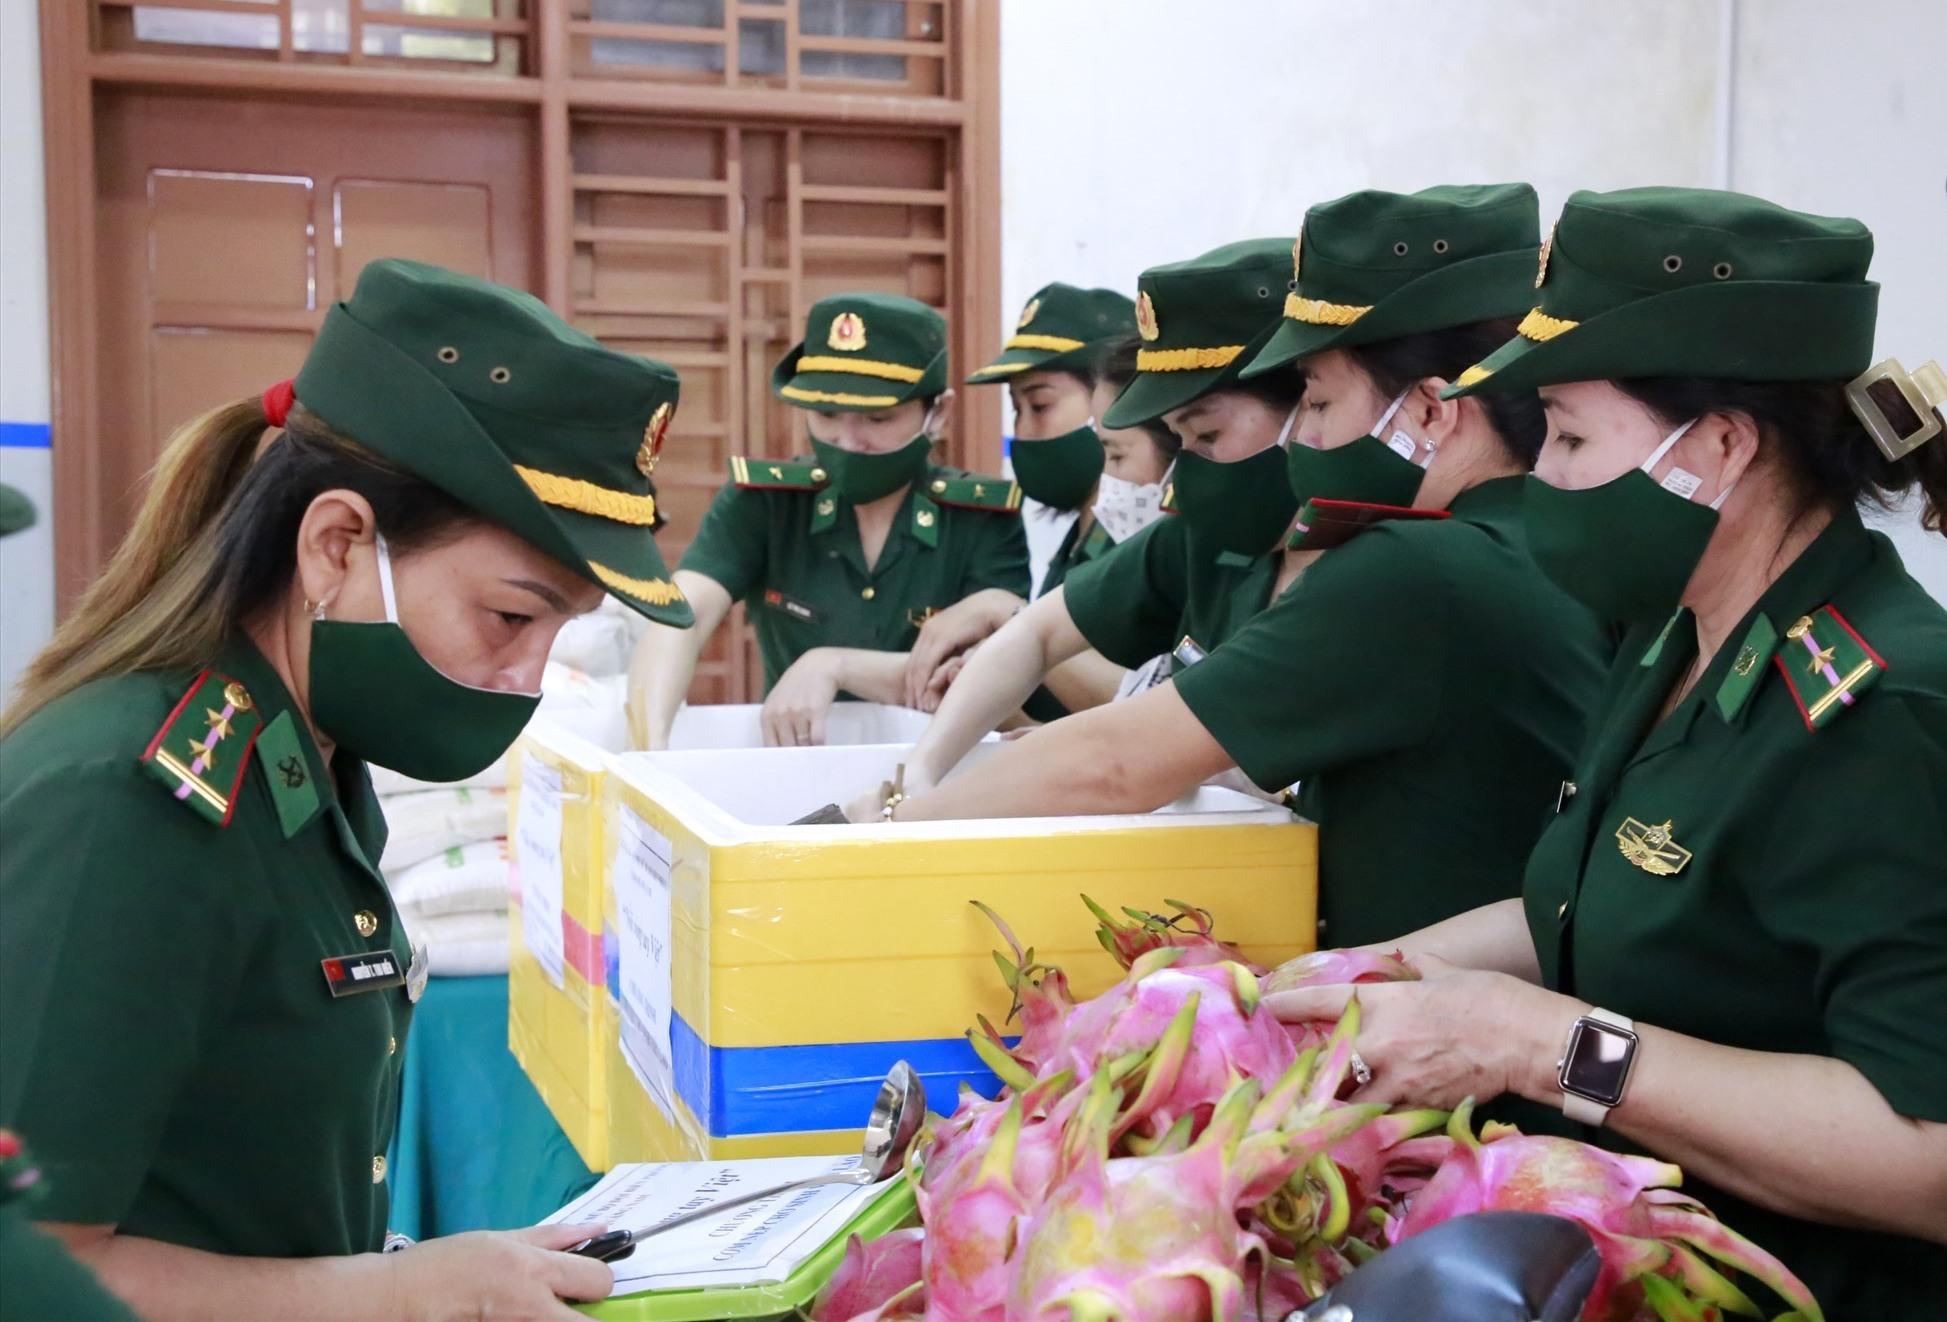 Hội viên Hội phụ nữ Bộ đội biên phòng mang cơm nếp đến cho sinh viên Lào tại ký túc xá trường Đại học Quảng Nam. Ảnh: T.C